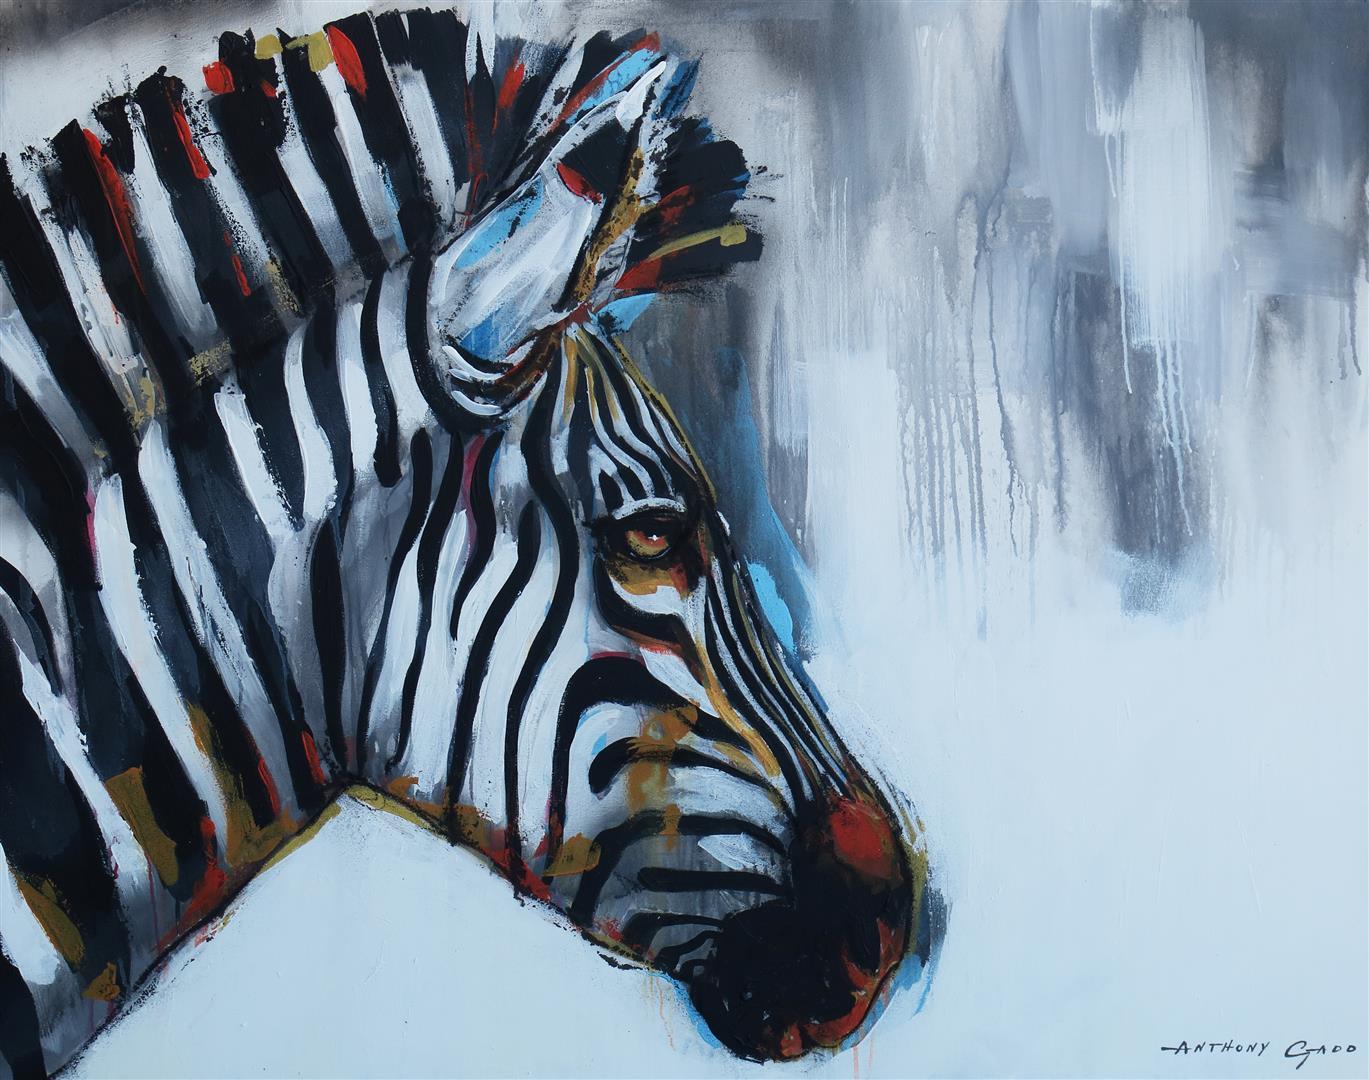 african wildlife art anthony gadd